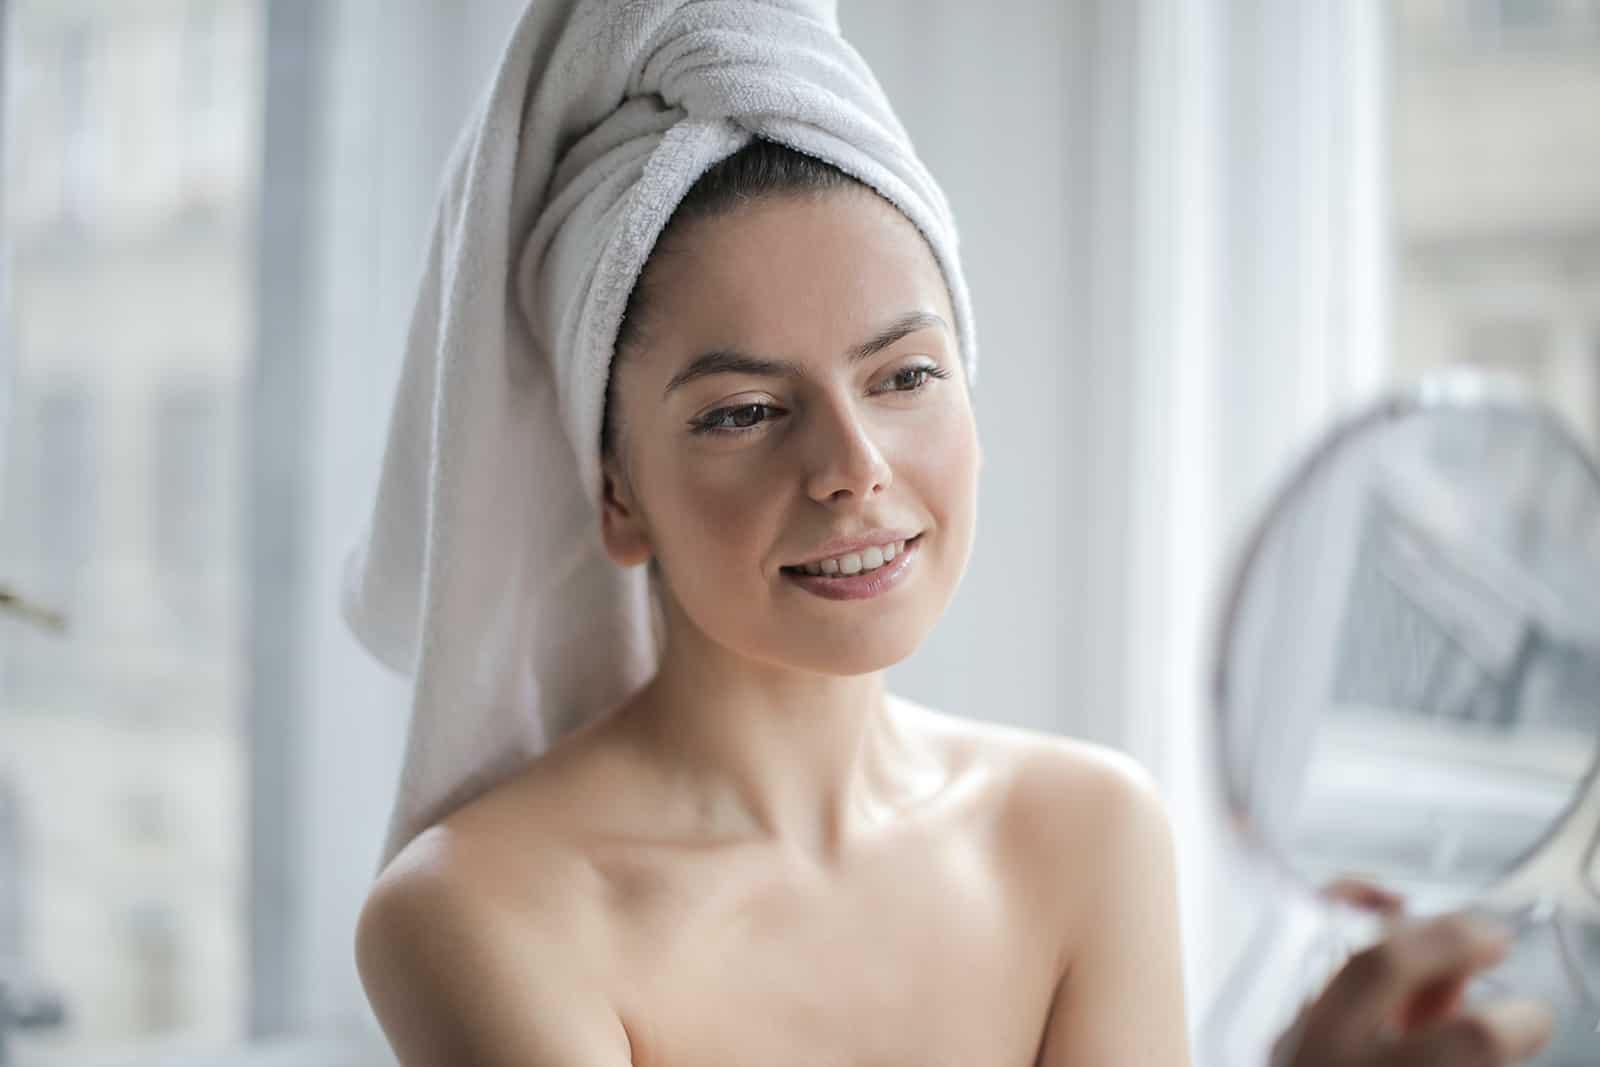 eine Frau mit einem Handtuch auf dem Kopf, die einen Spiegel hält und sich selbst ansieht